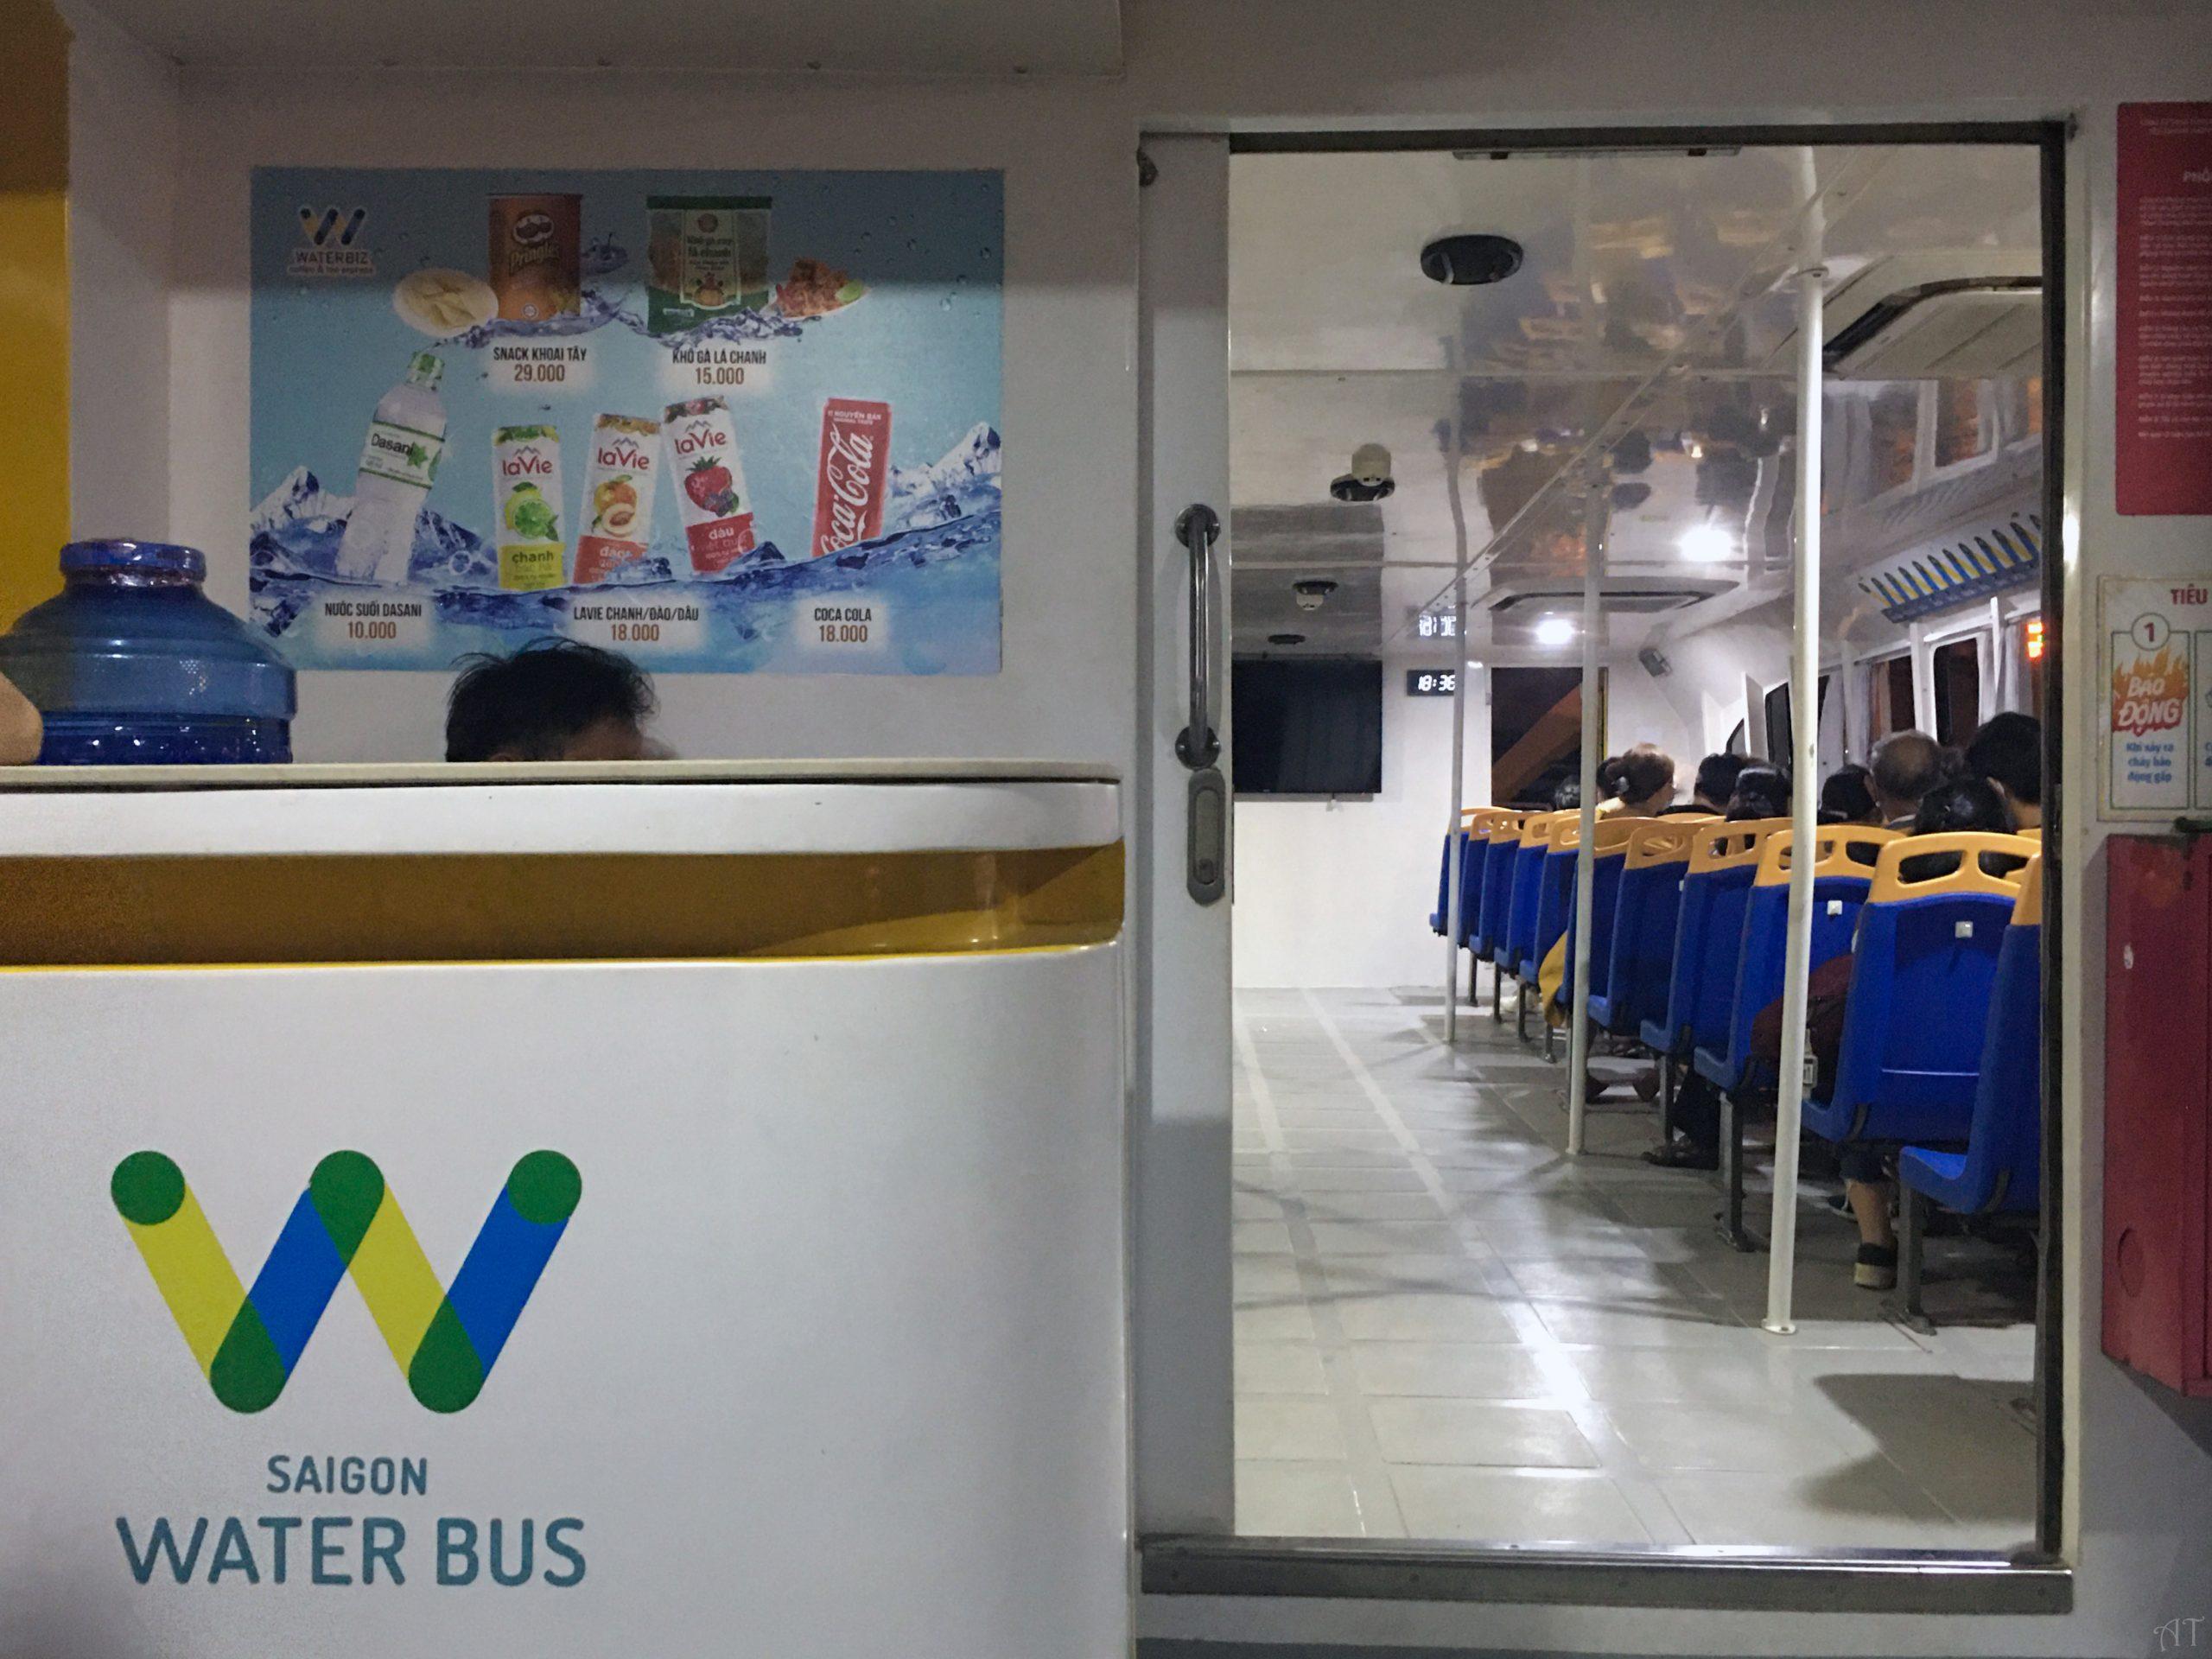 xe buýt trên sông saigon